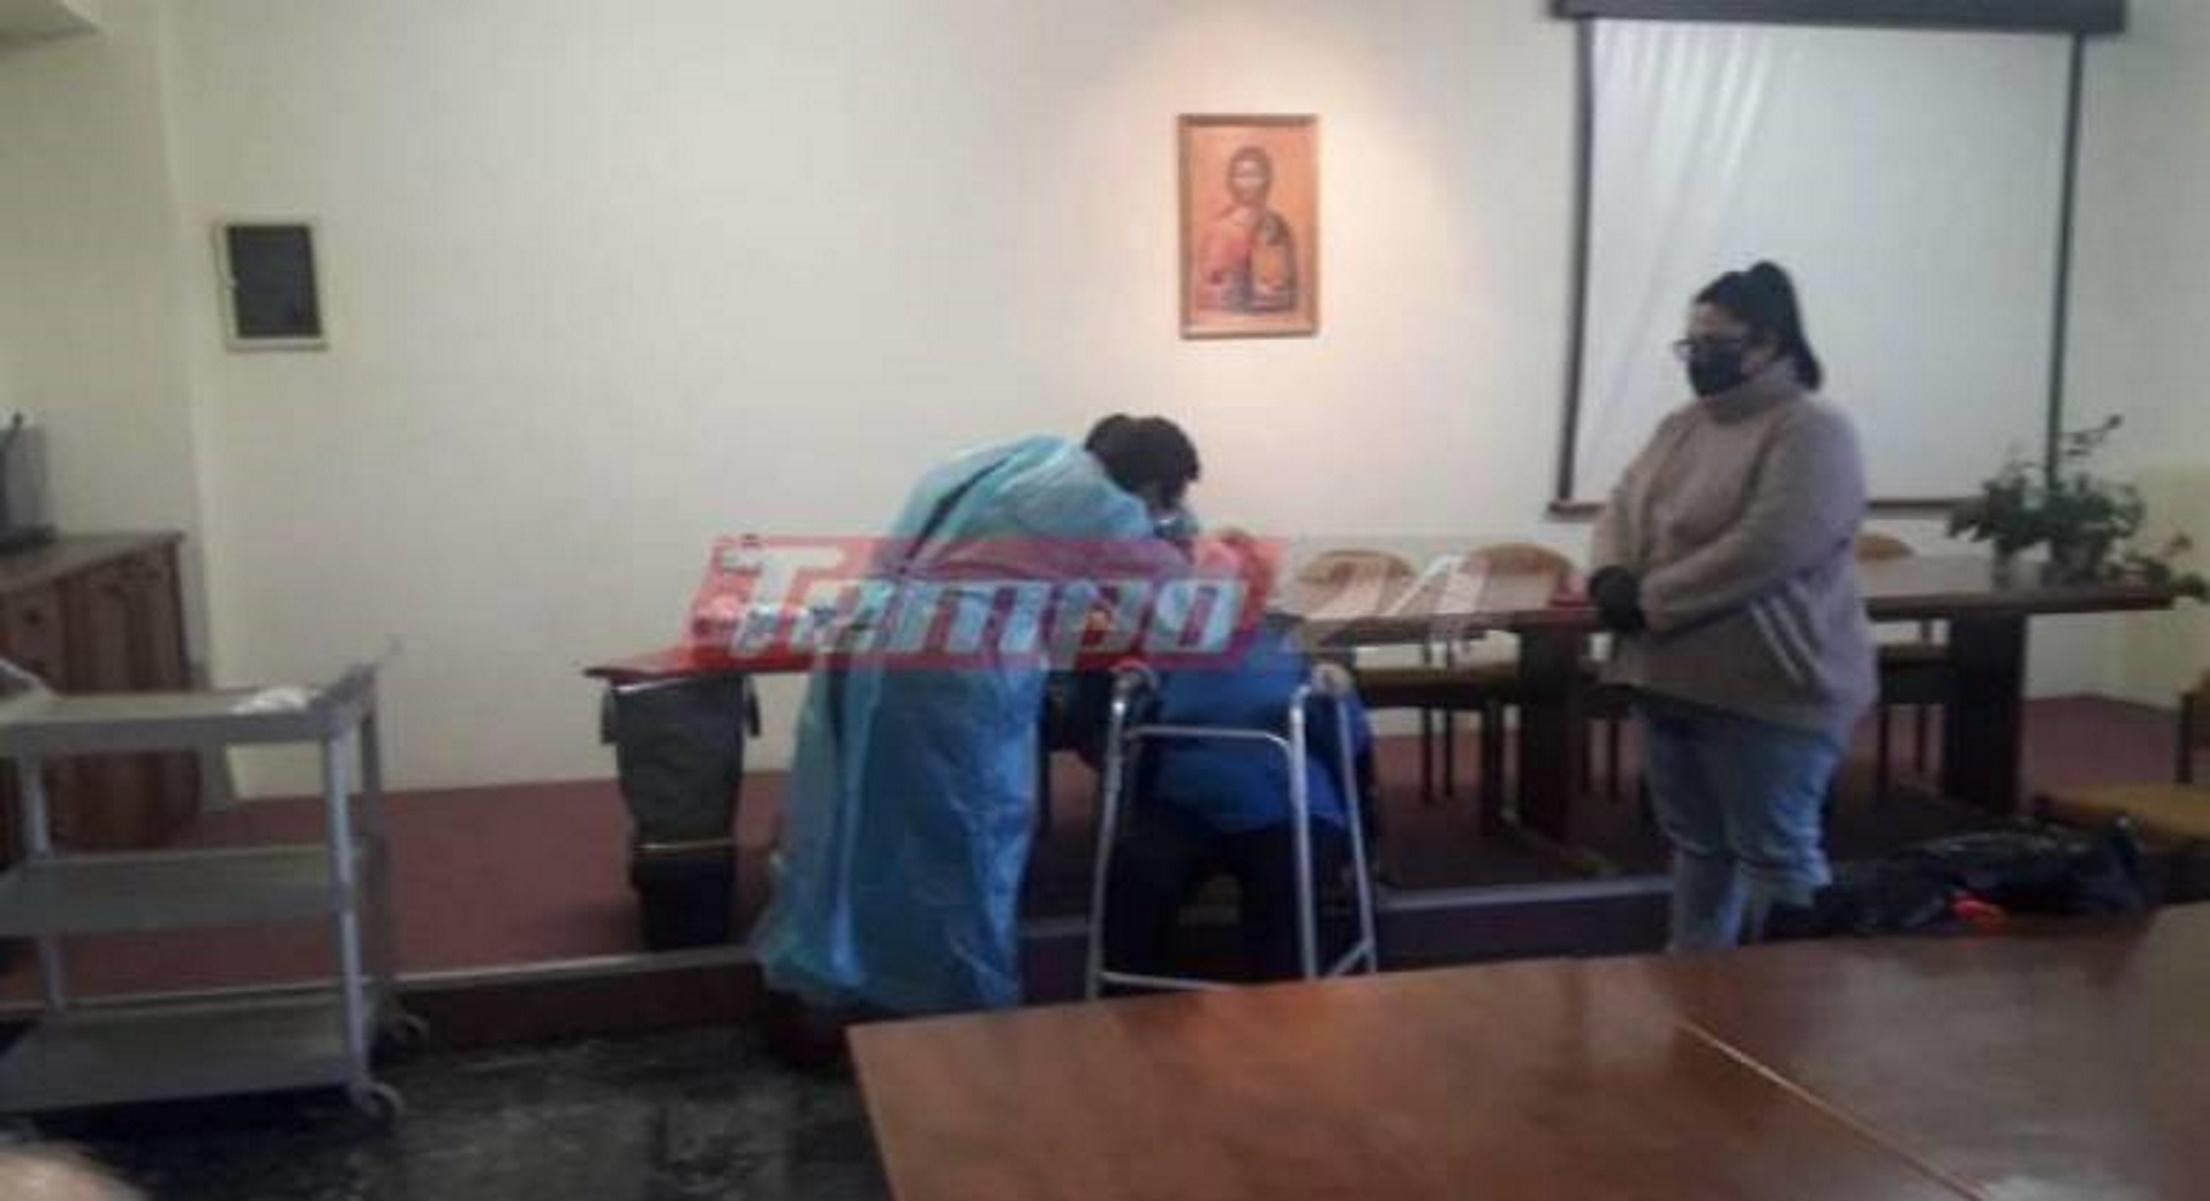 Καλάβρυτα: Rapid tests στο γηροκομείο μετά τη συρροή κρουσμάτων κορονοϊού (pics)